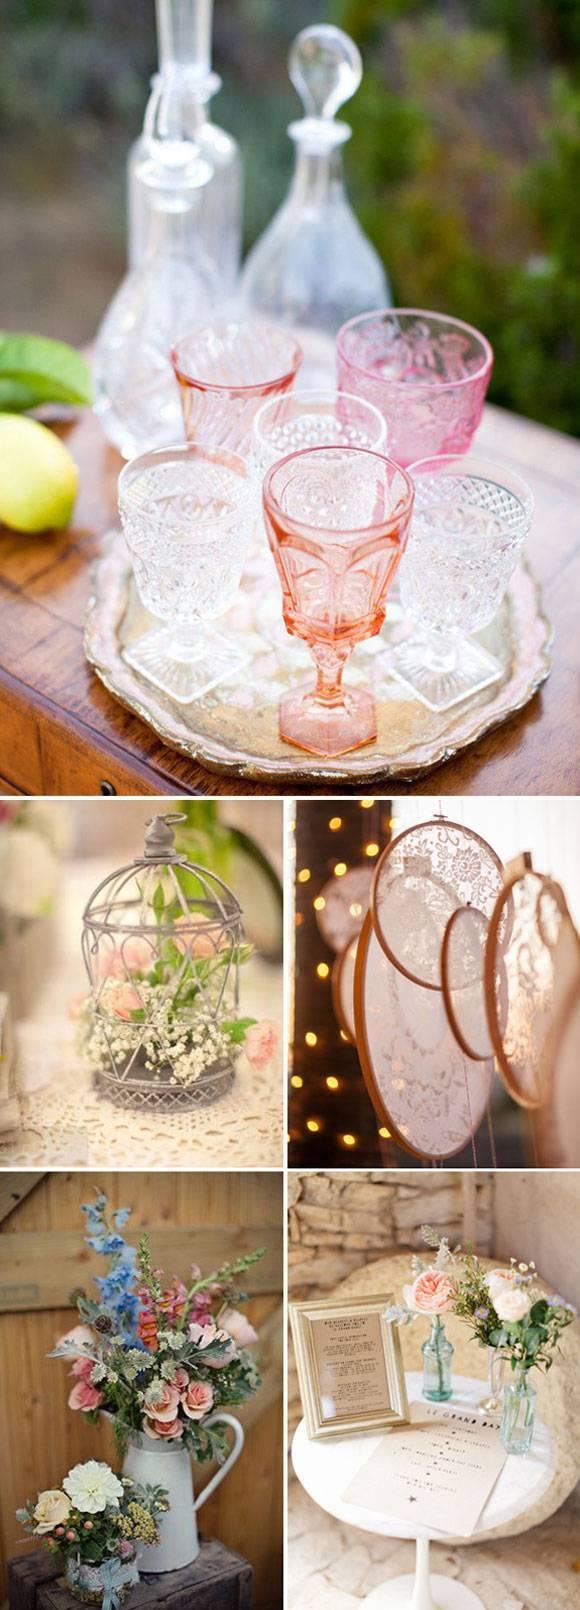 Нежное очарование свадьбы в стиле шебби-шик